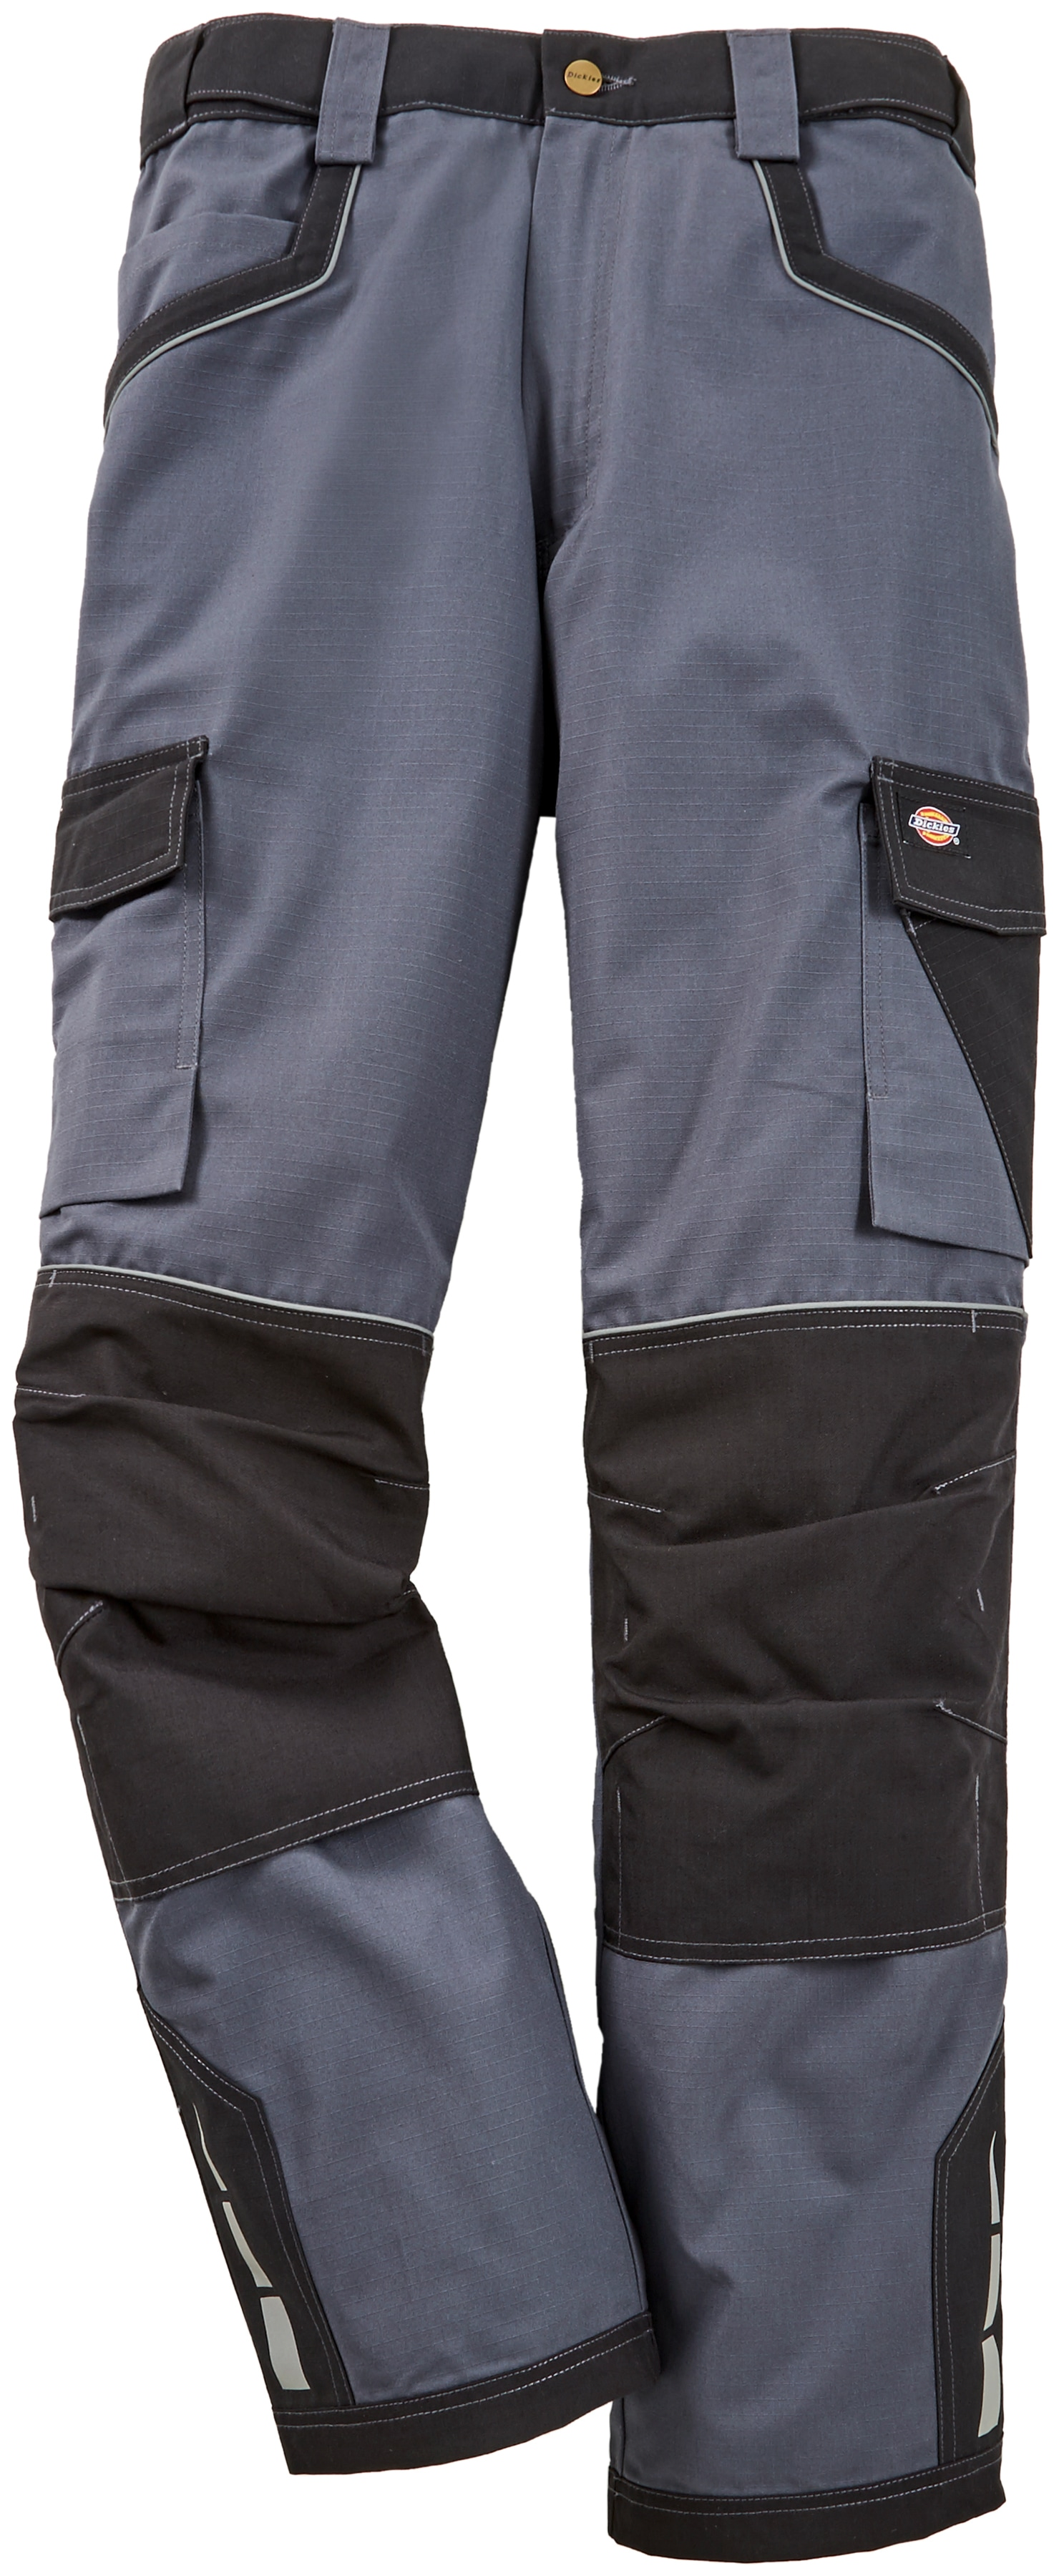 Dickies Arbeitshose Industry Pro, mit Kniepolstertaschen grau Herren Arbeitshosen Arbeits- Berufsbekleidung